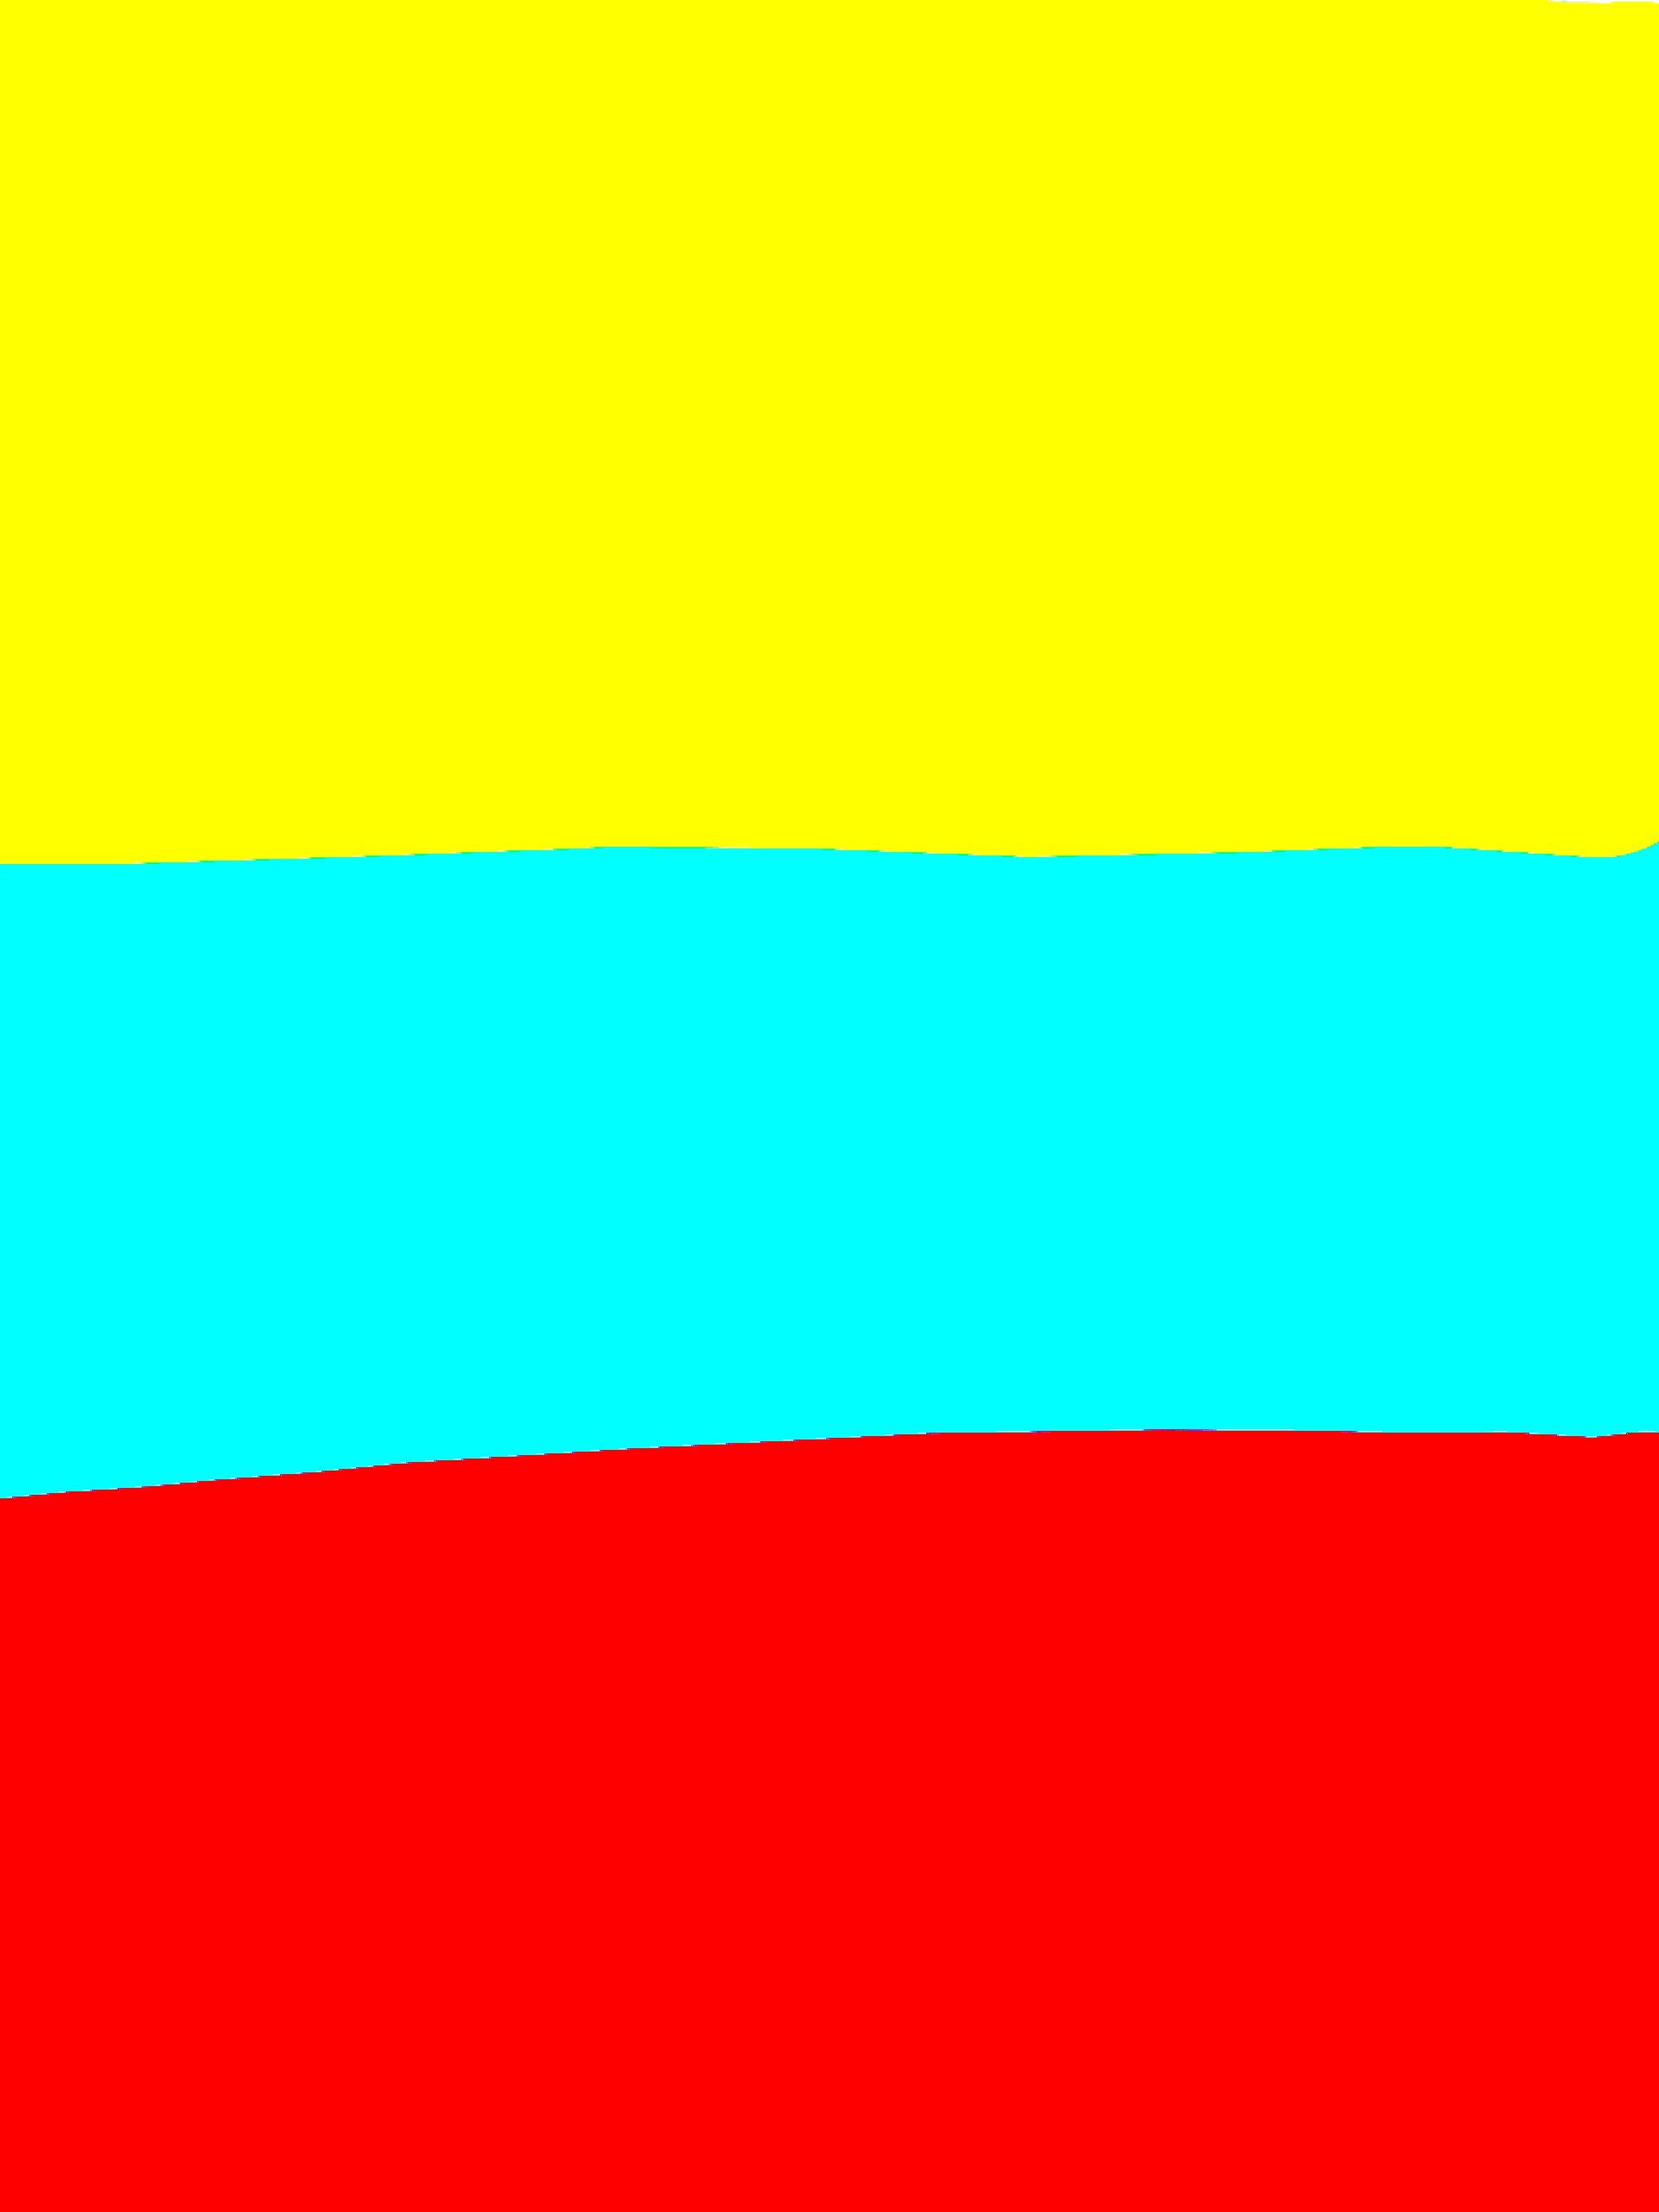 Tricolor design